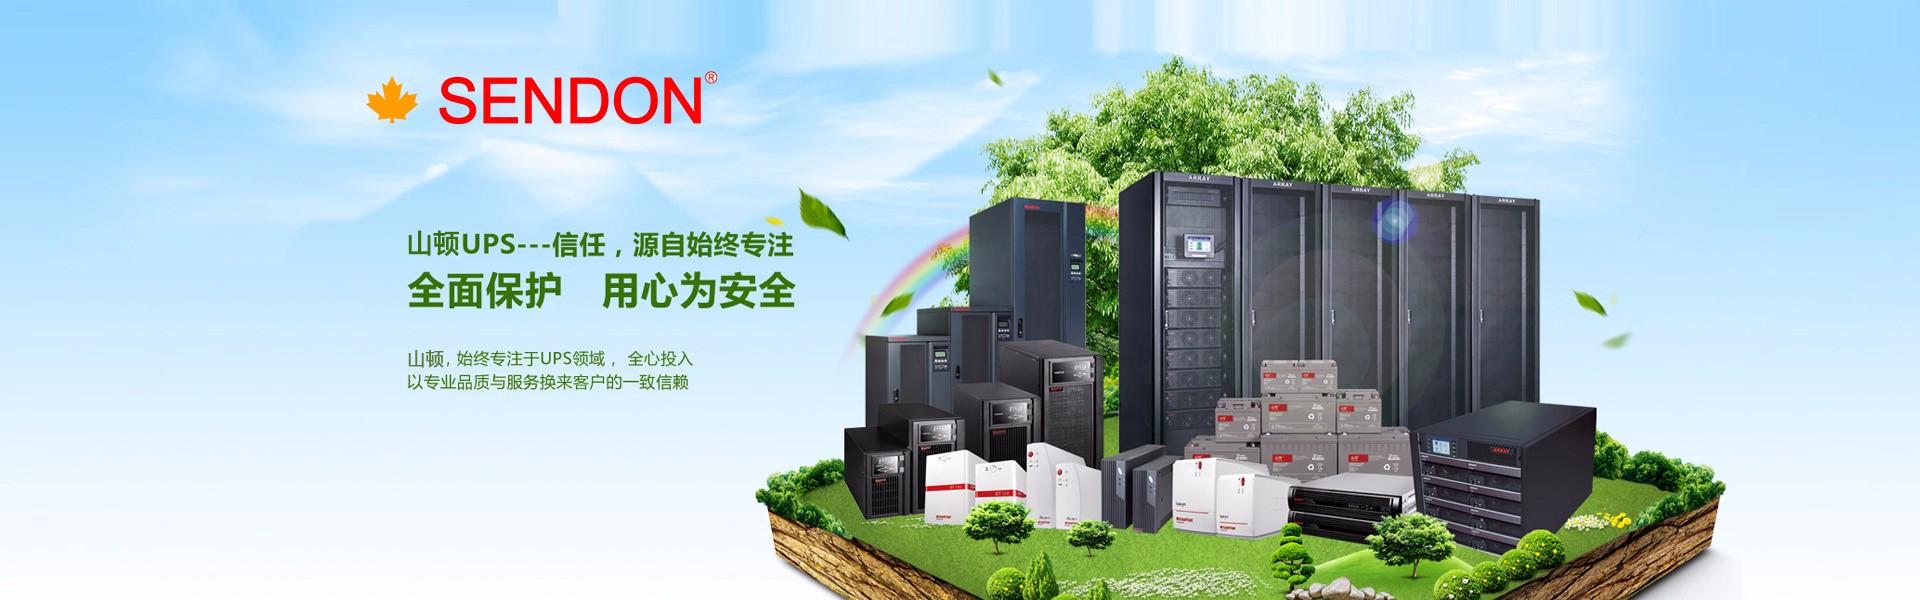 山东卡耐隆电源科技有限公司